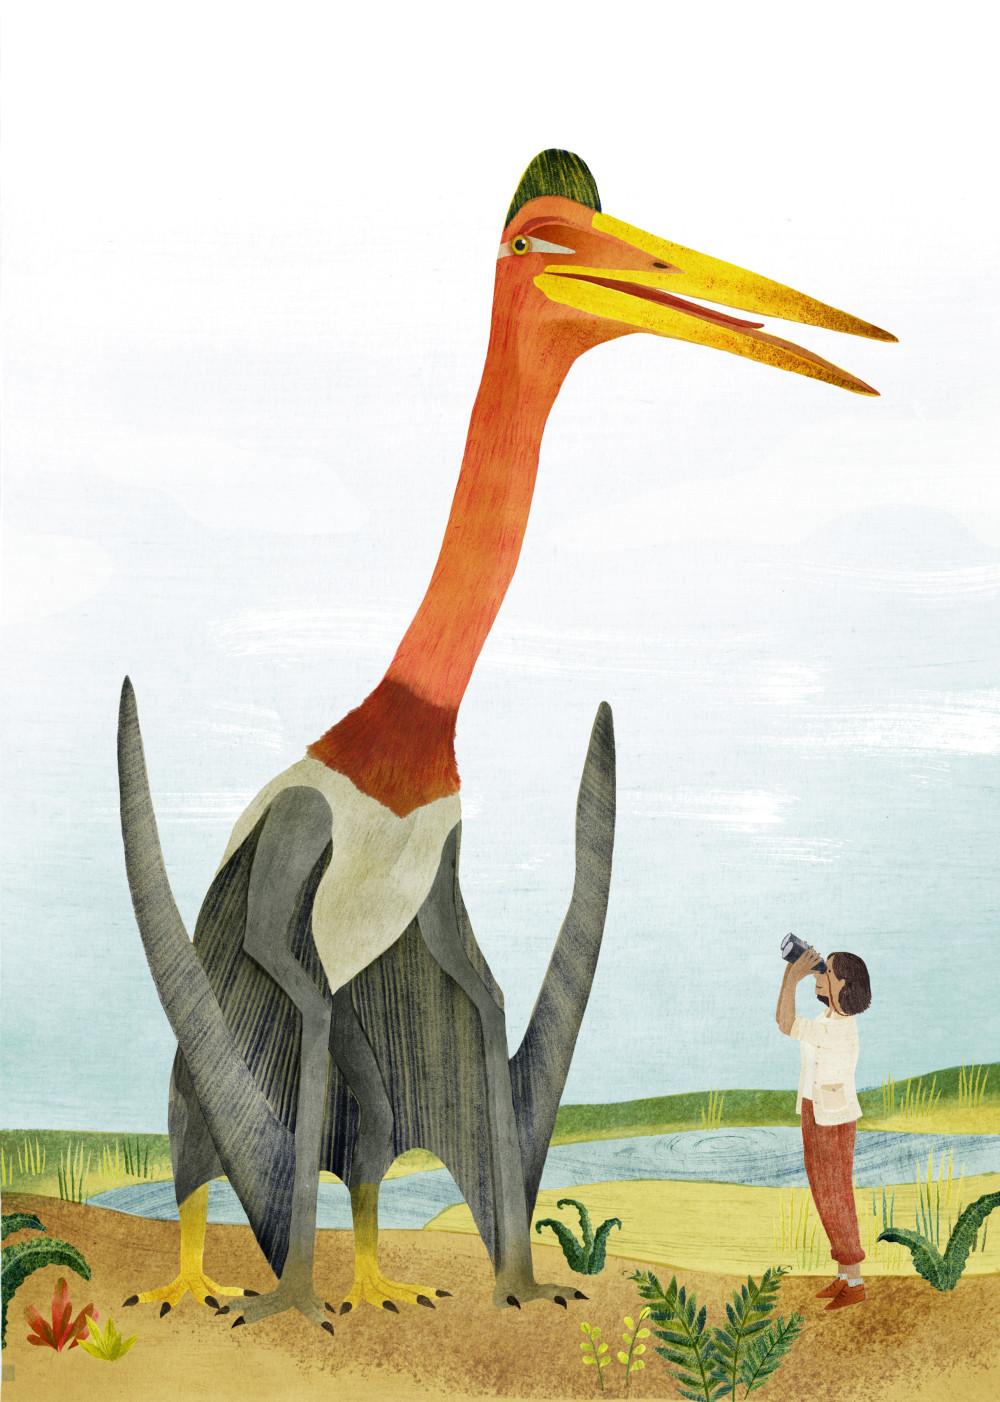 Pterodactyloidae, vogel, de walvis begon aan wal, evolutie, tekening